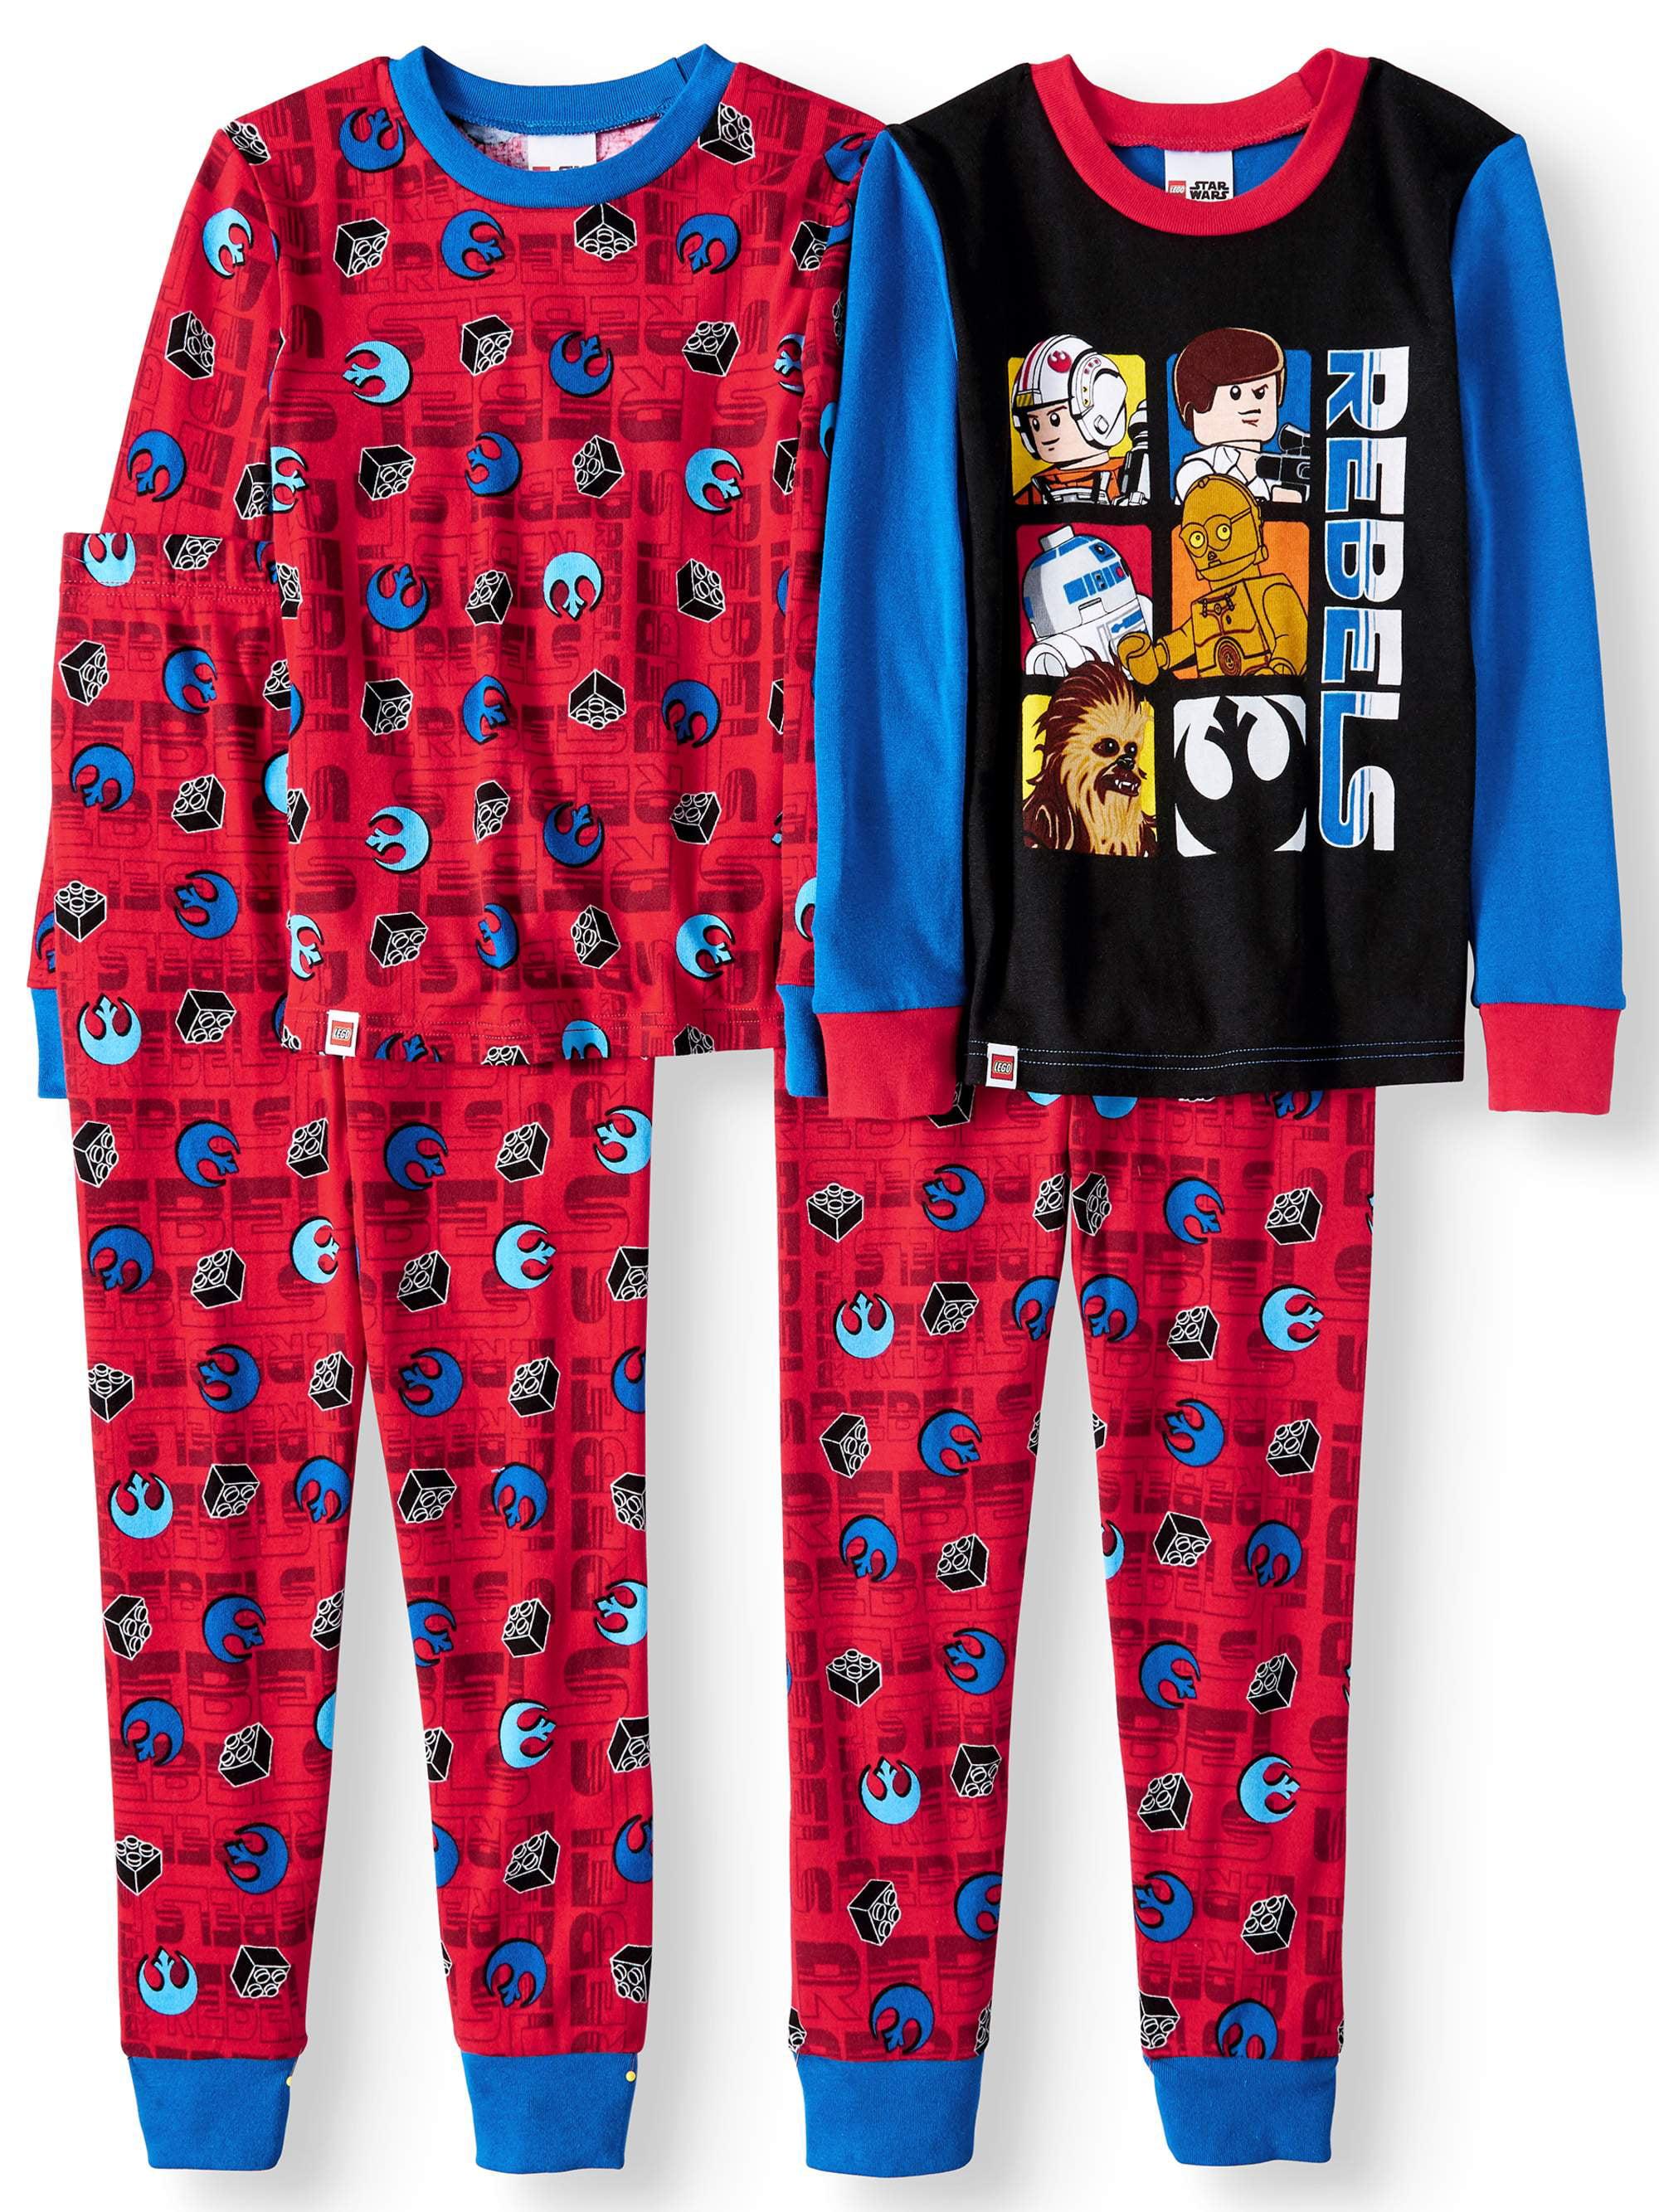 Lego Star Wars - Lego Star Wars Glow in the Dark Fitted Rebel 4 Piece  Pajama Sleep Set (Big Boy   Little Boy) - Walmart.com b1e9fec10